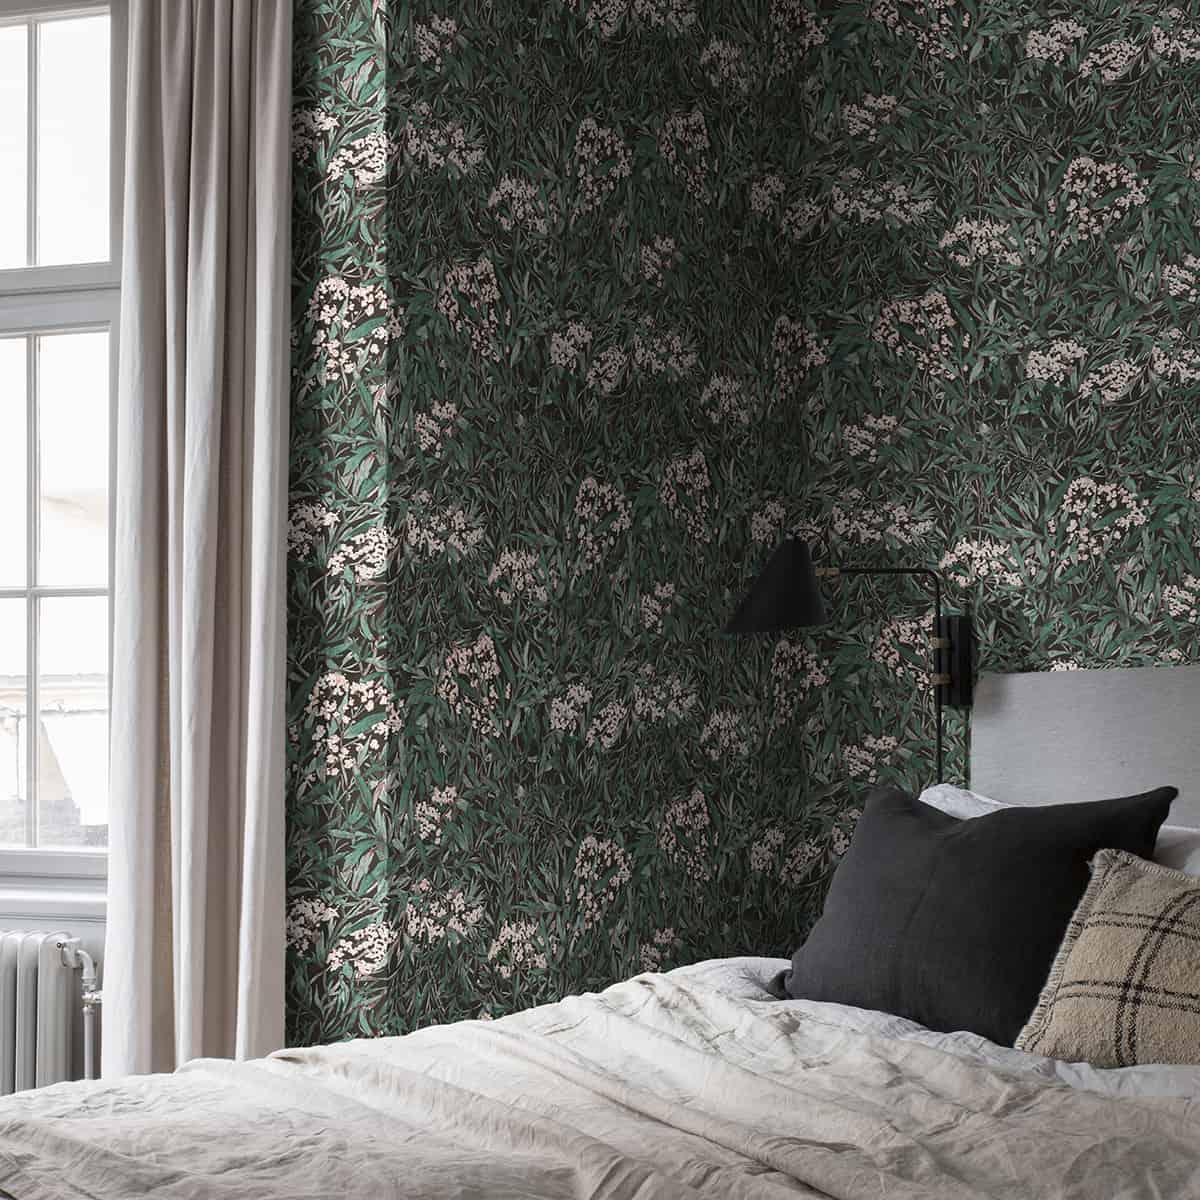 спальня украшена зелеными обоями, с бежевыми шторами и постелью с бельем в белых, черных и коричневых тонах